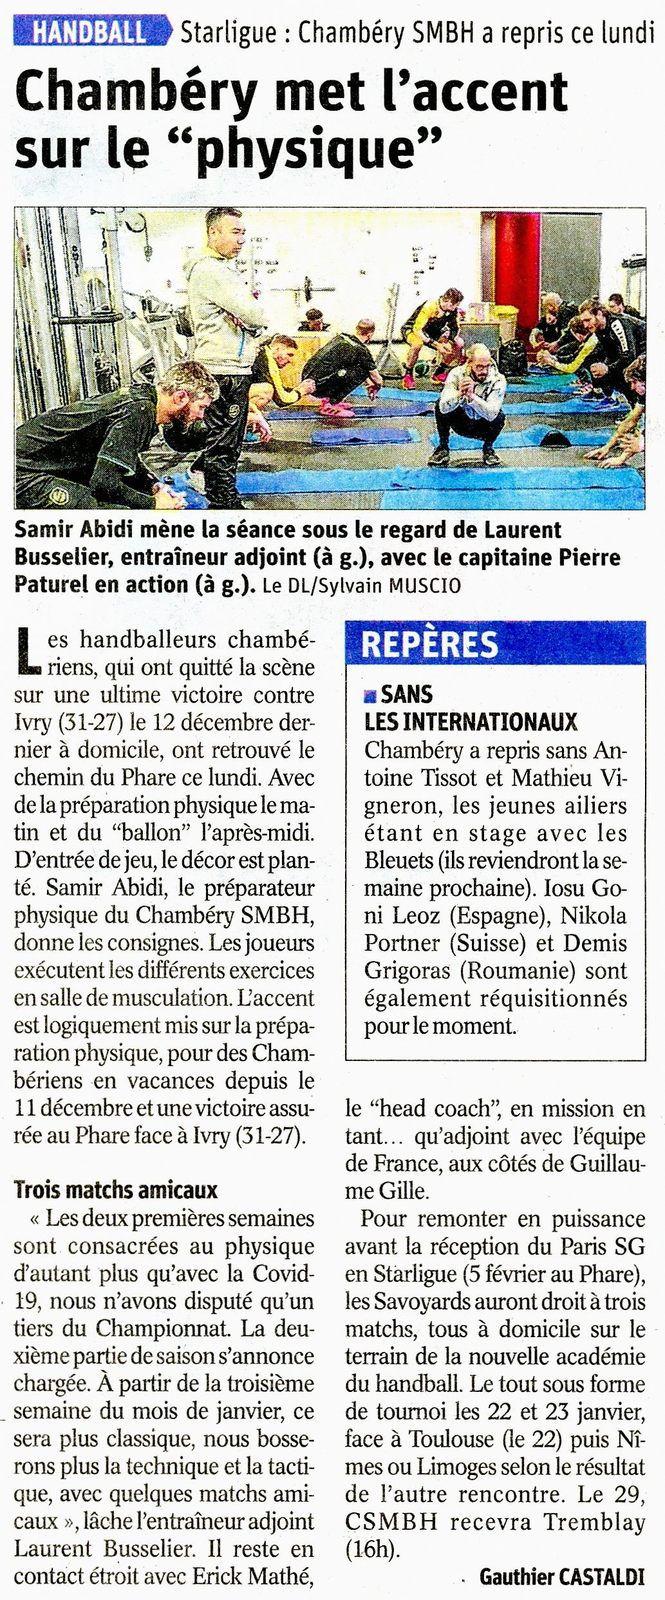 La reprise pour Chambéry article du DL le 05 janvier 2021 par Gauthier CASTALDI